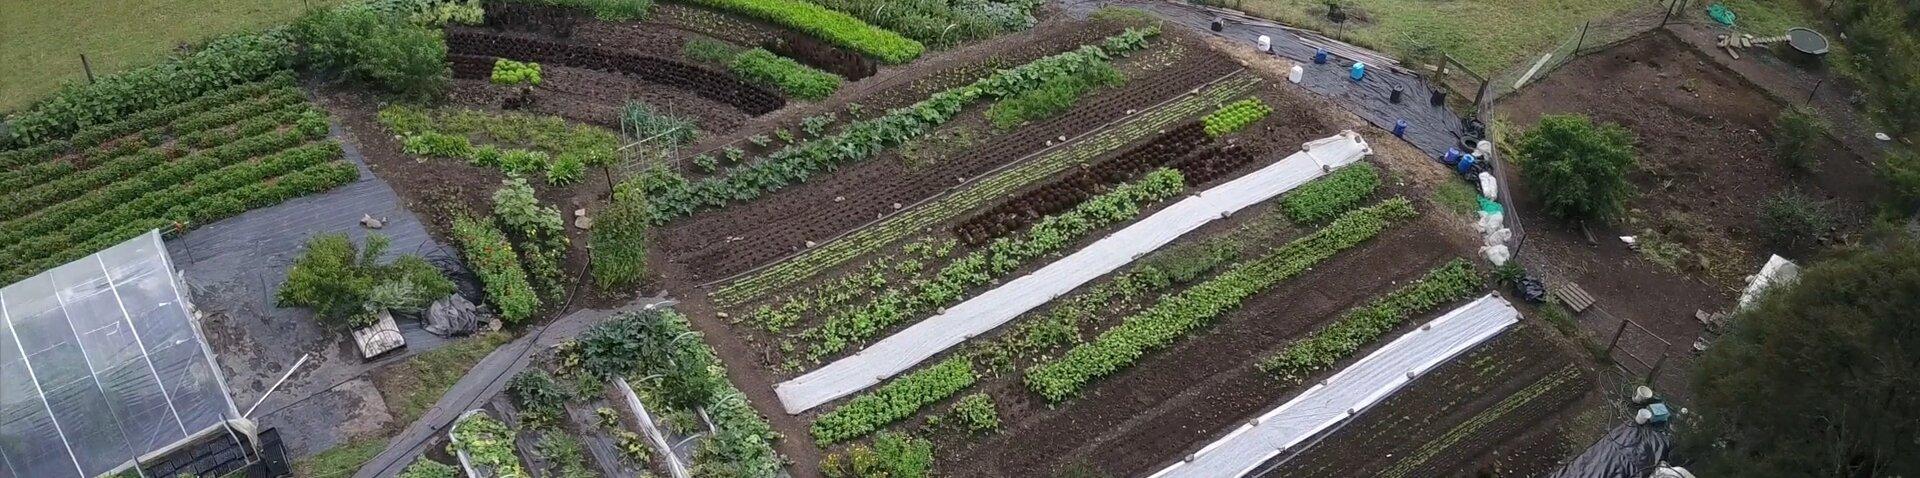 Resturant Garden Design | Pakaraka Permaculture